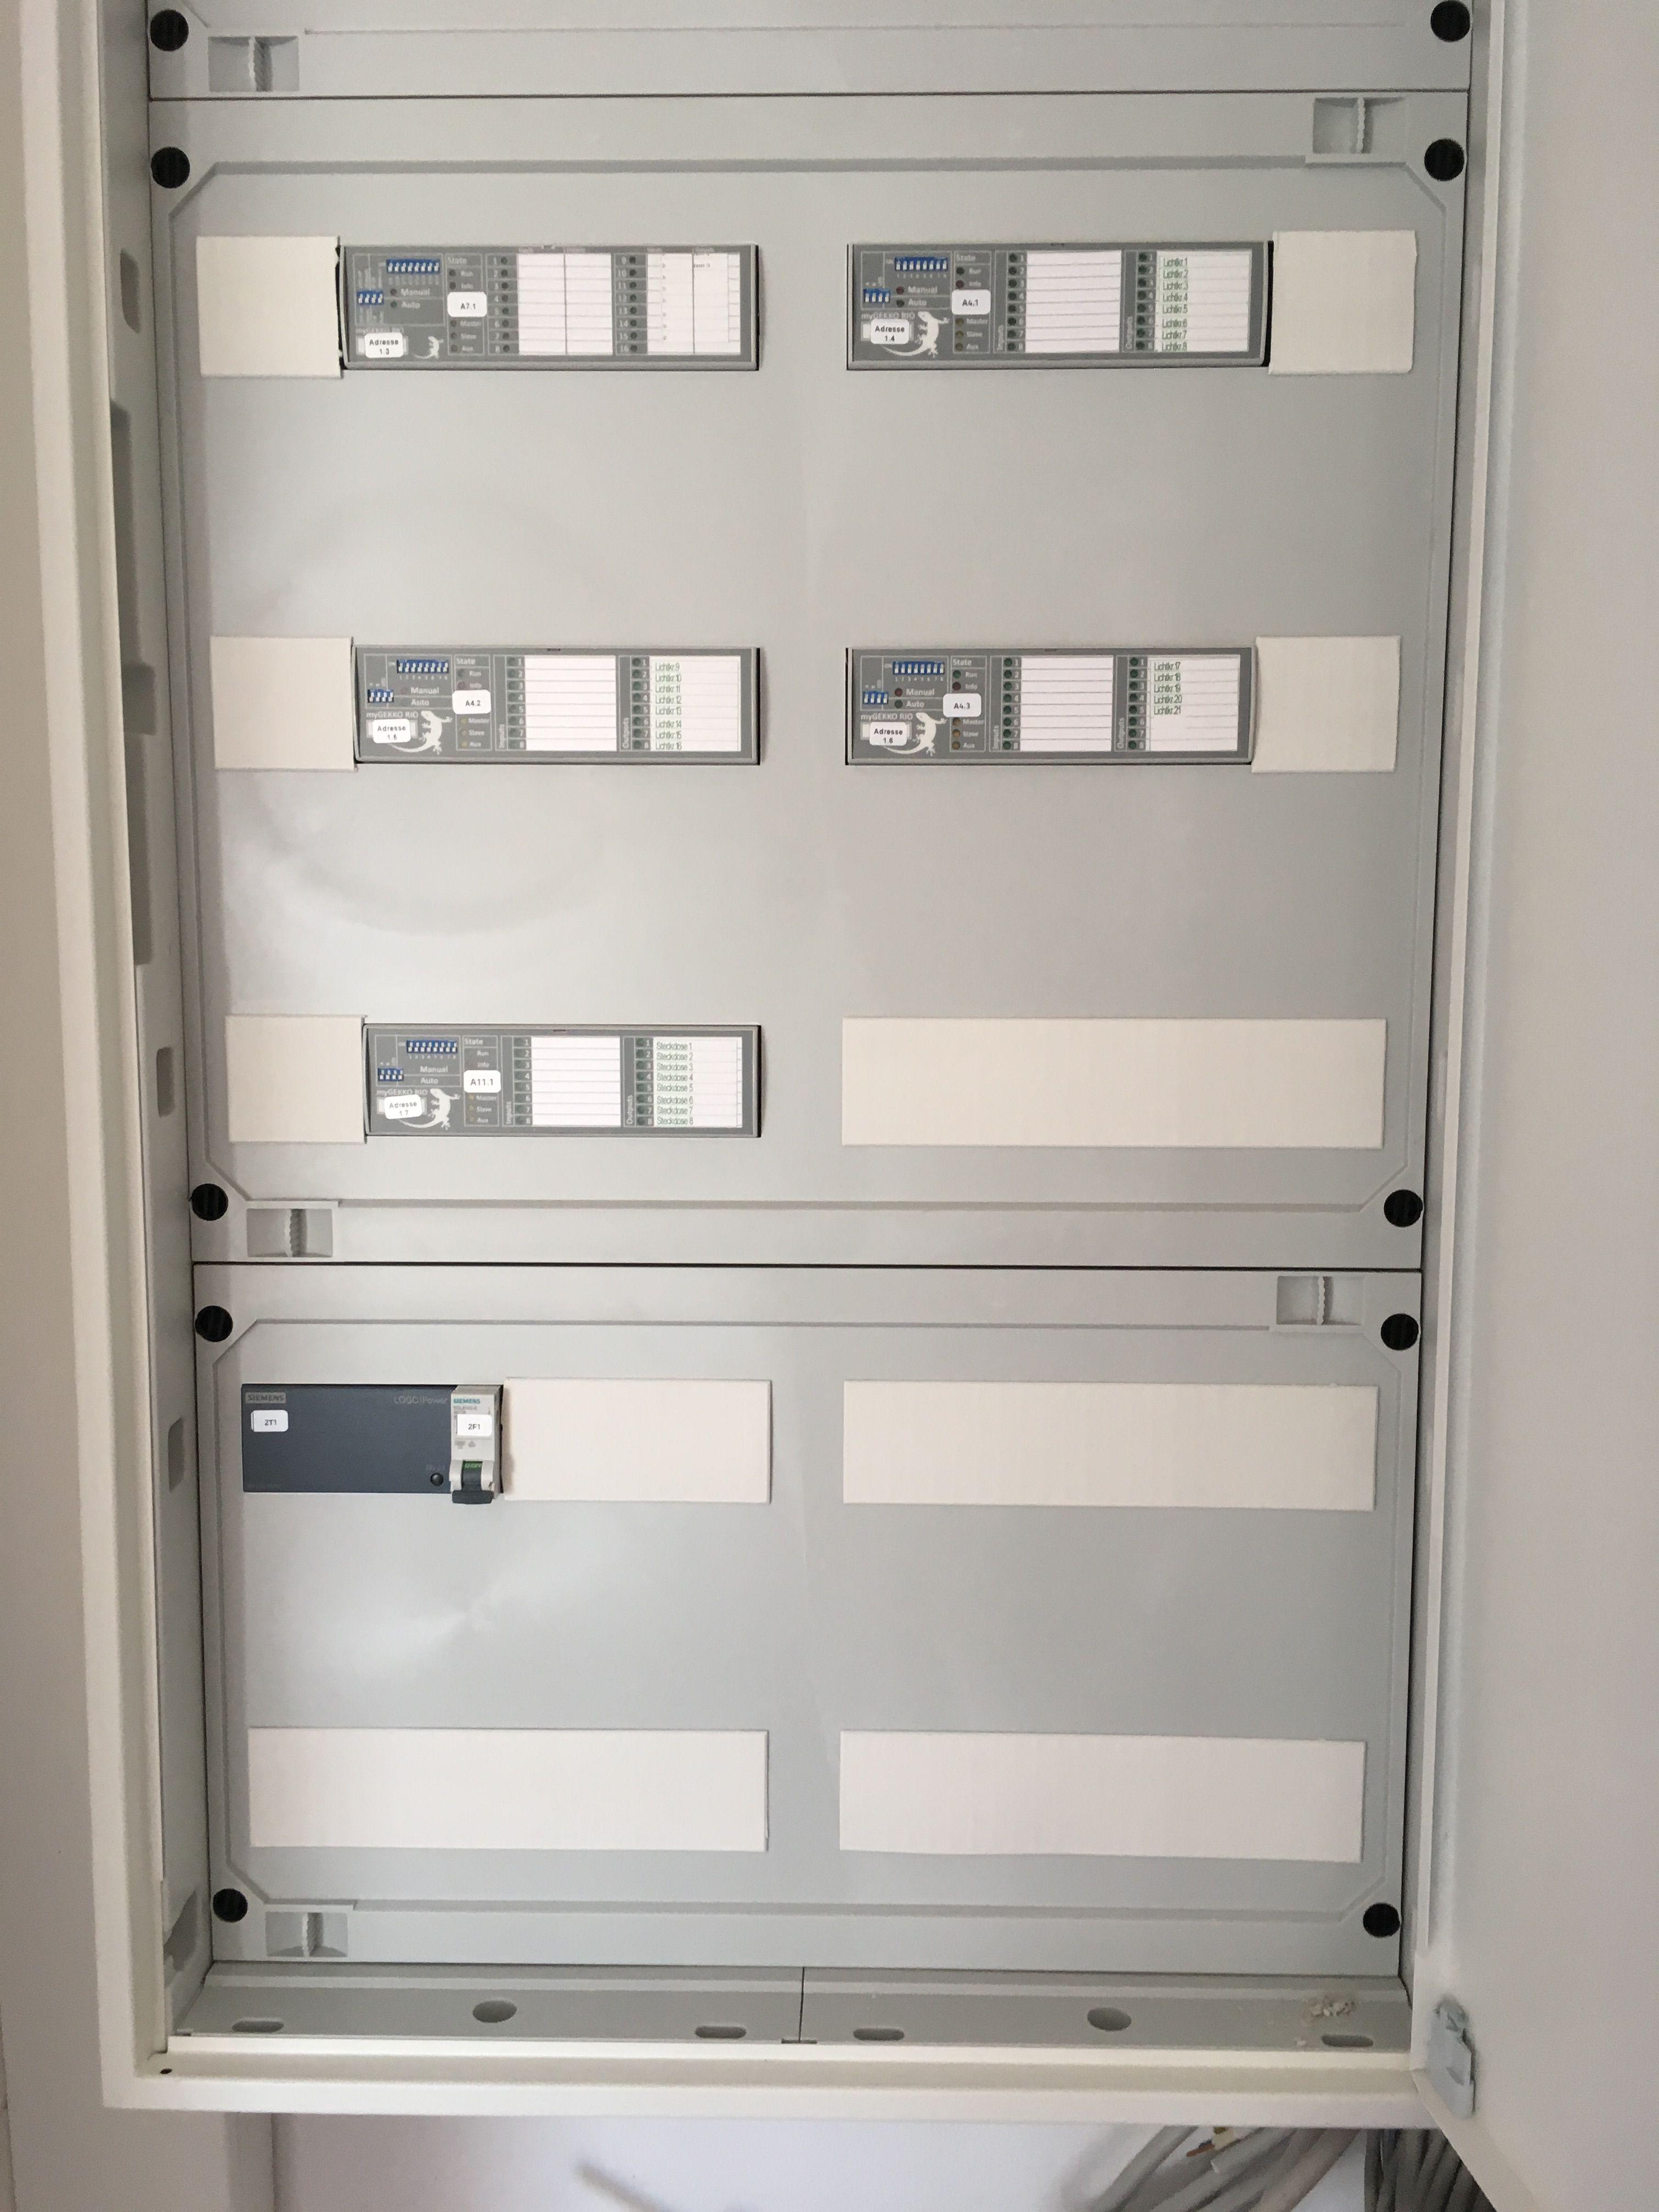 KW 19 / 2017 Innnenausbau Elektro und Installation von